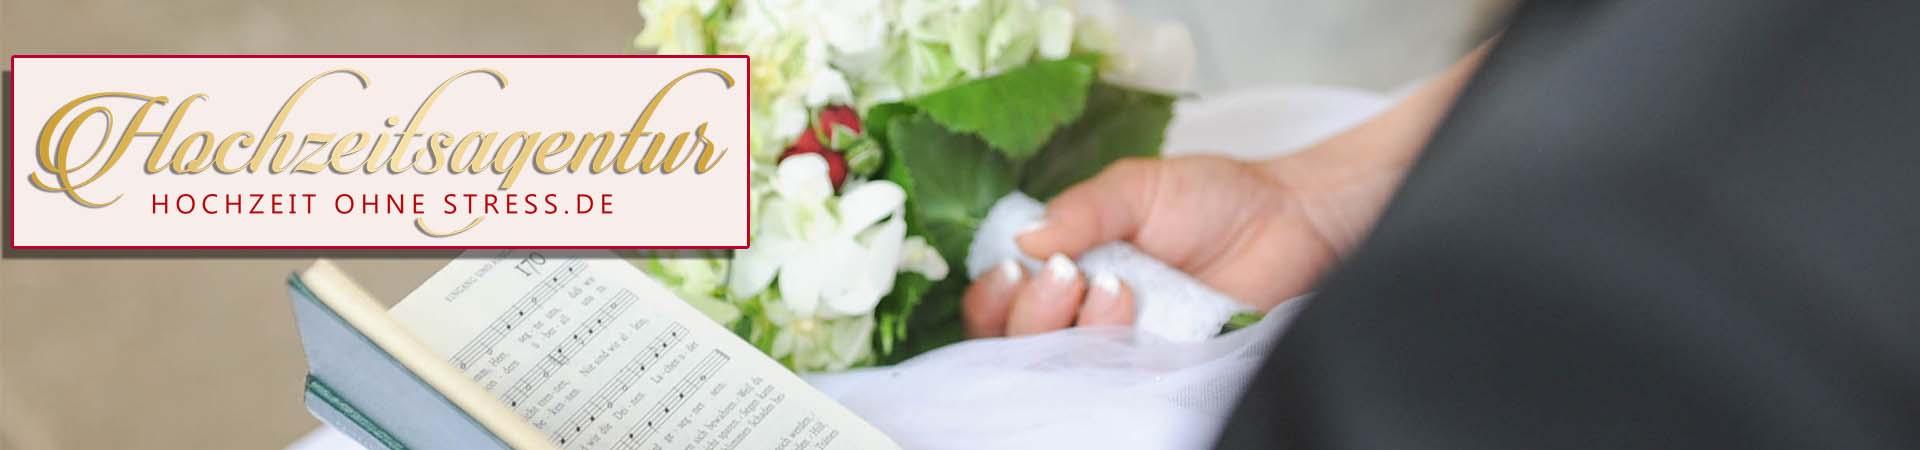 Hochzeitsplaner-Dresden-Hochzeitsagentur-HochzeitOhneStress-Bild10b